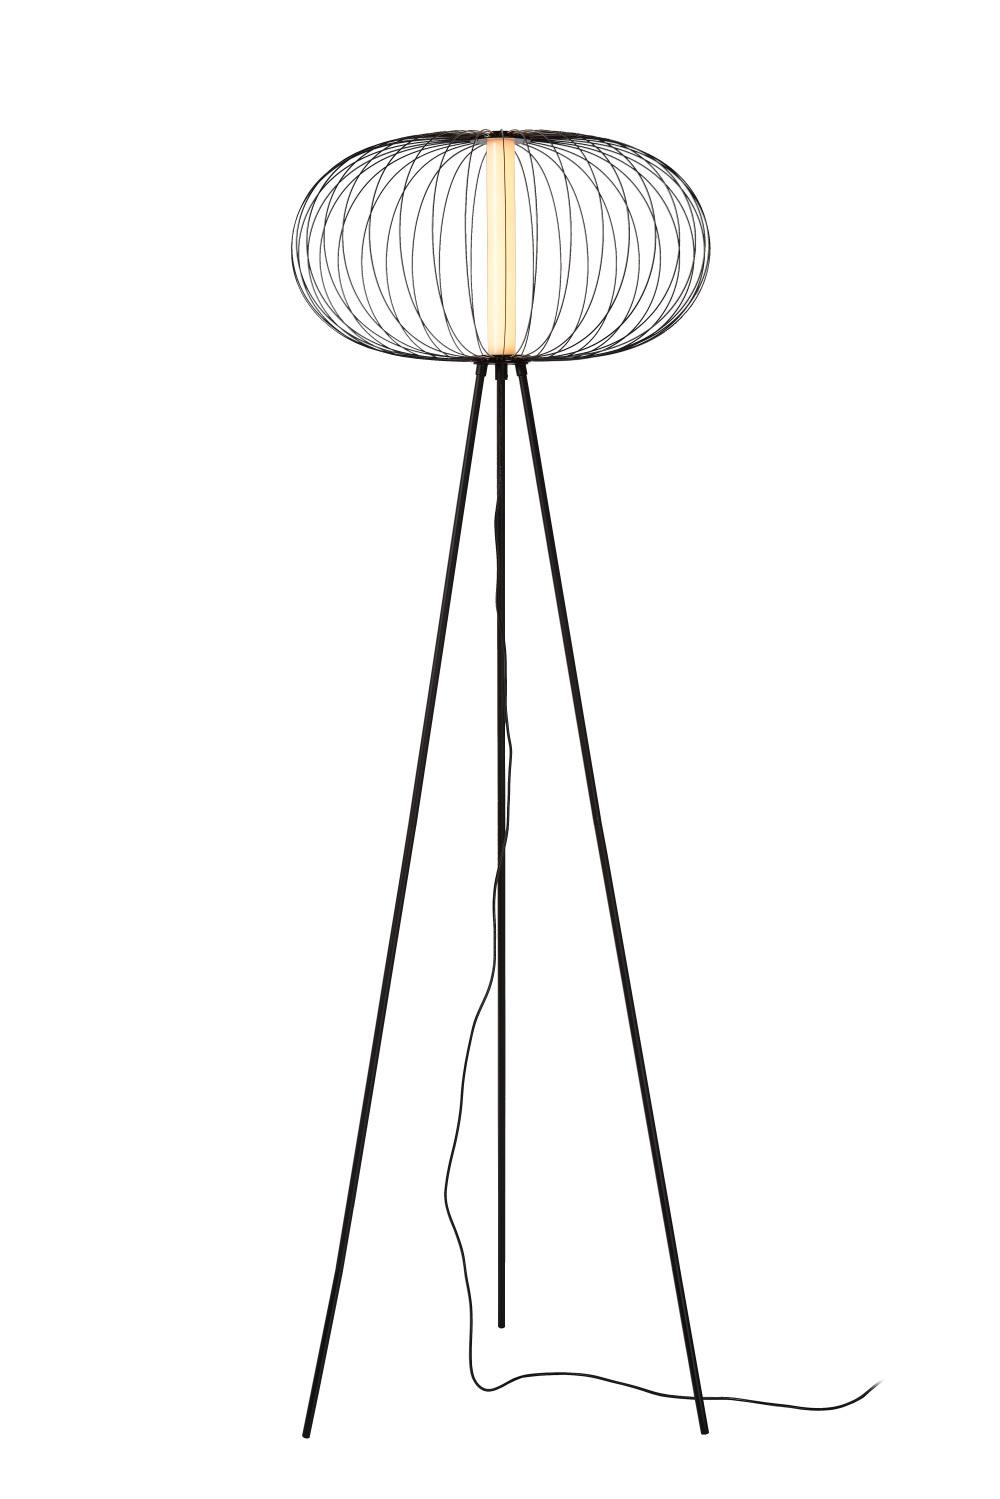 Lucide CARBONY Vloerlamp-Zwart-Ø50-LED-5W-2700K-Carbon